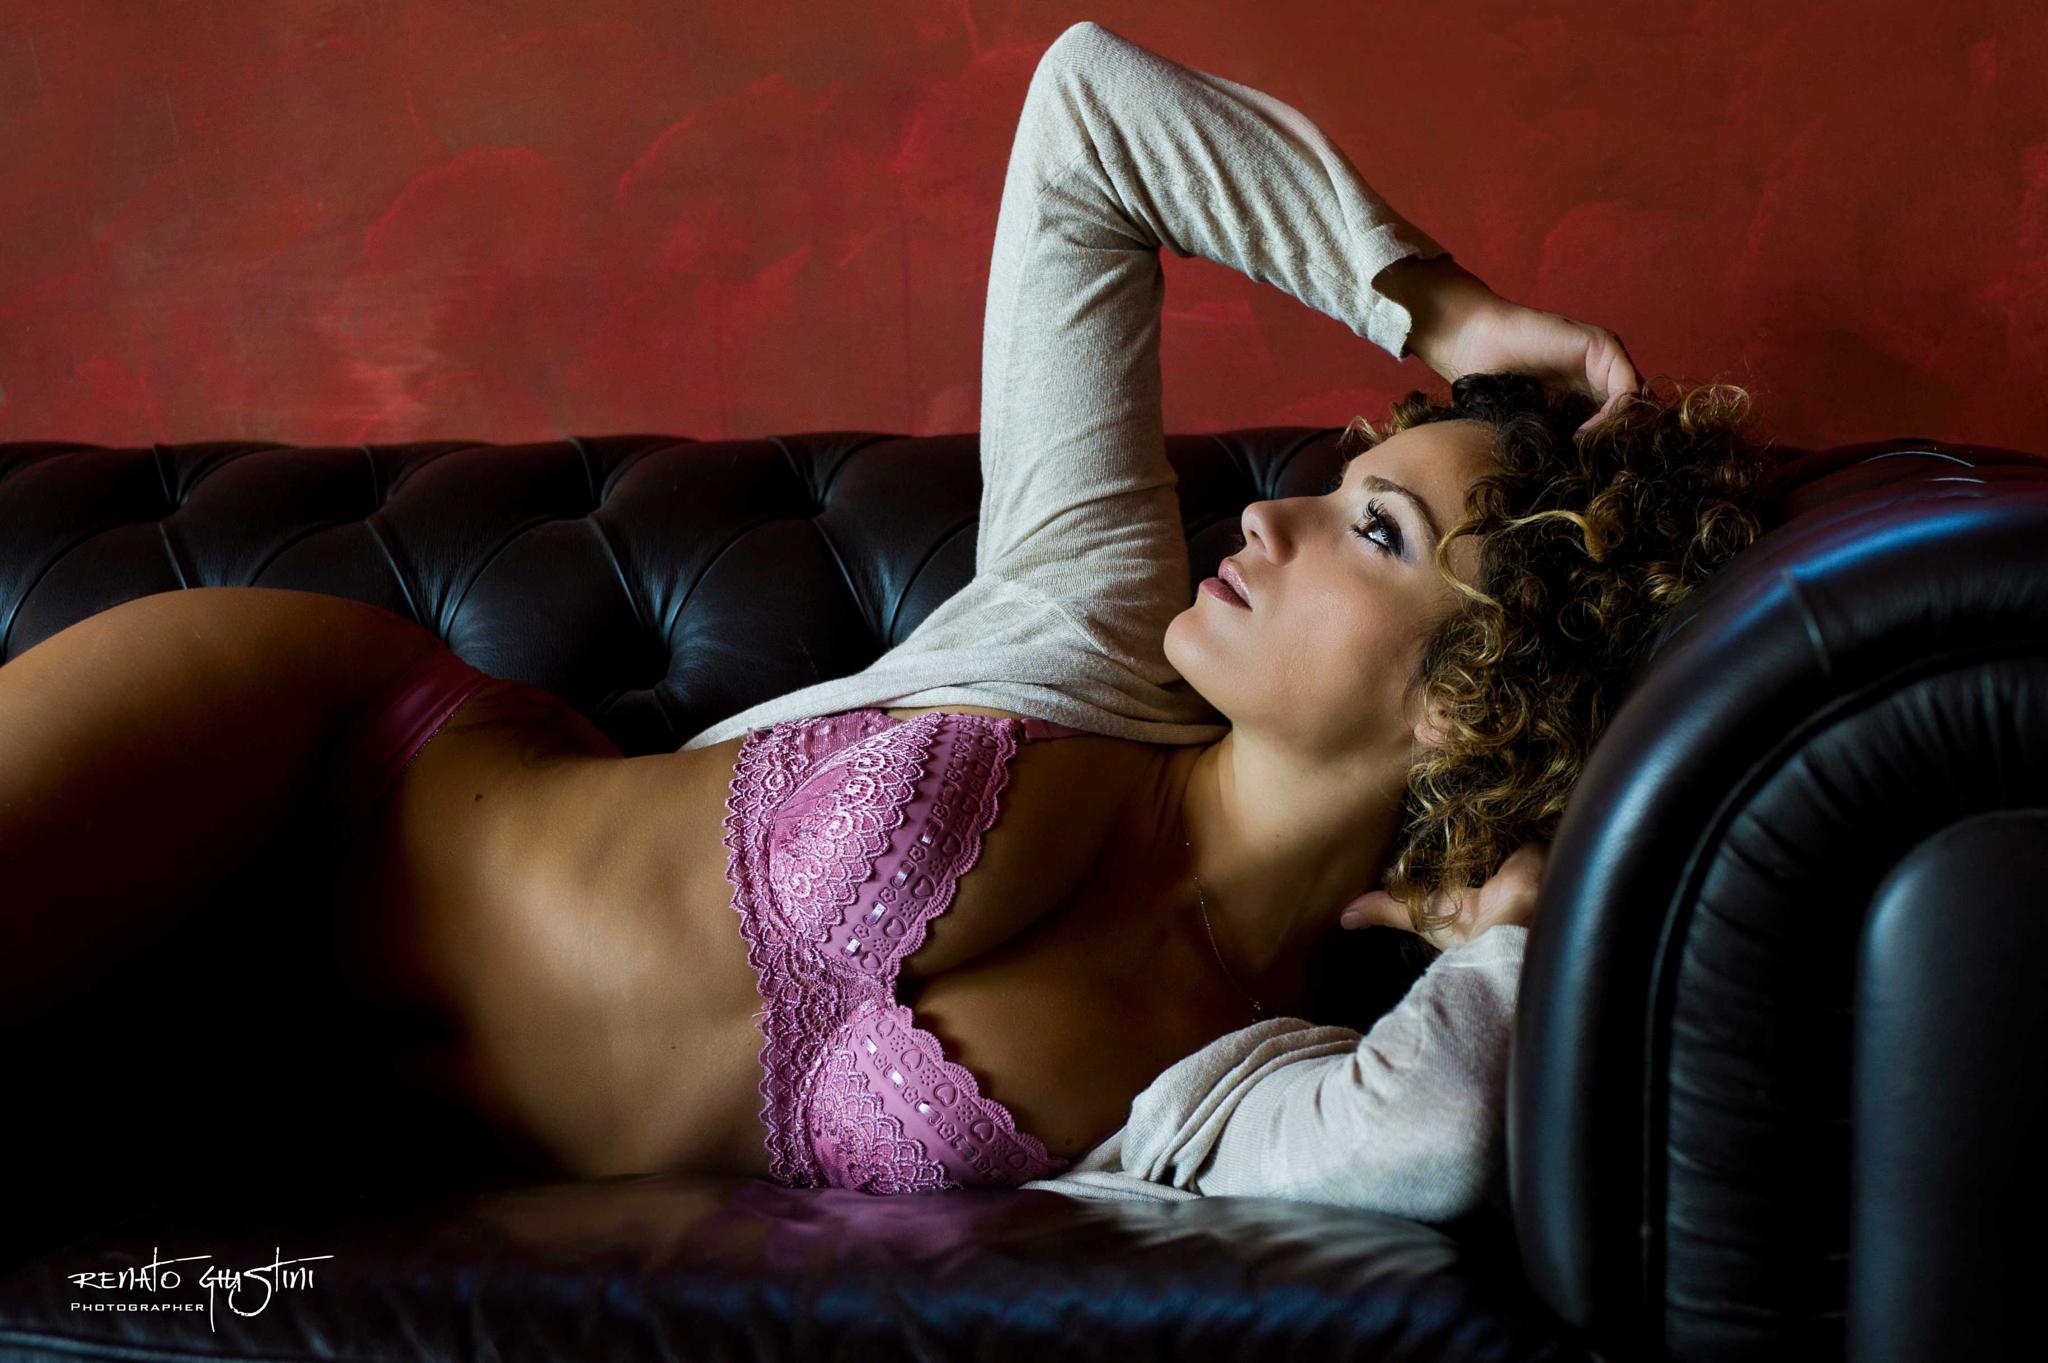 Giovanna Procopio Model by Renato Giustini photographer Passion